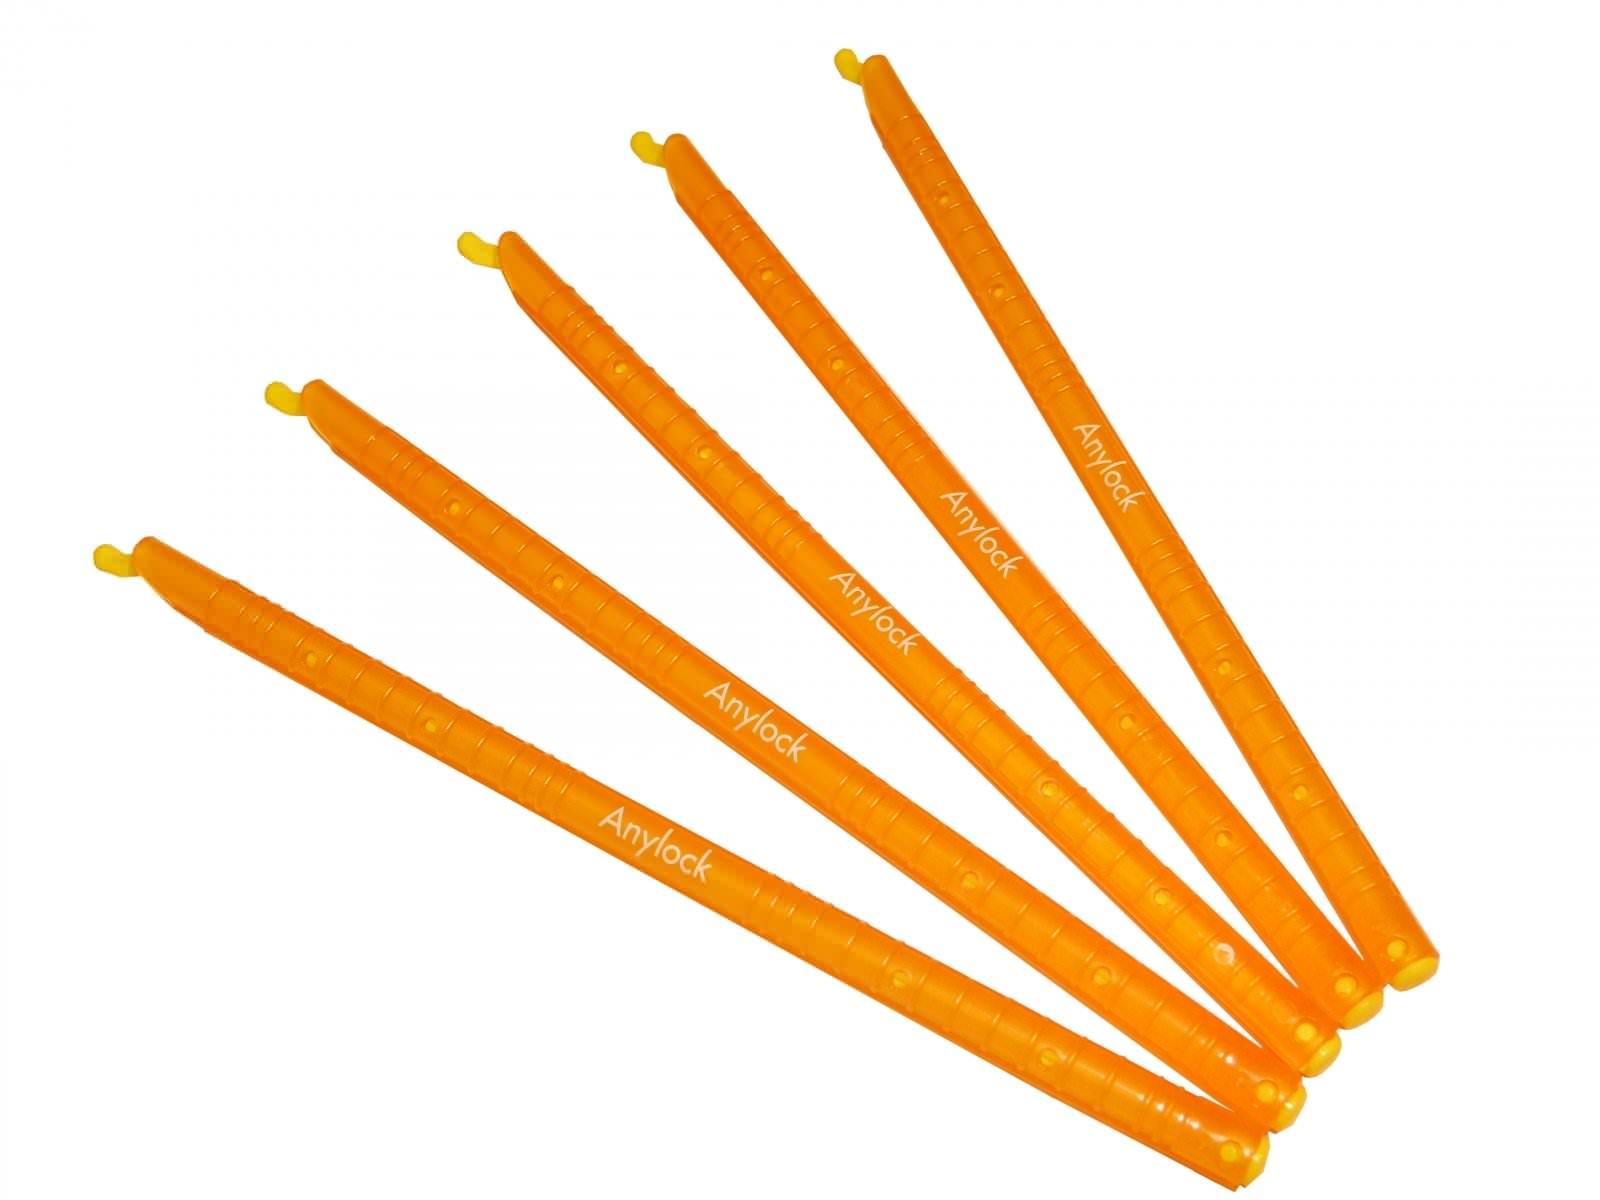 fermeture hermetique de sac et sachets 5 baguettes oranges